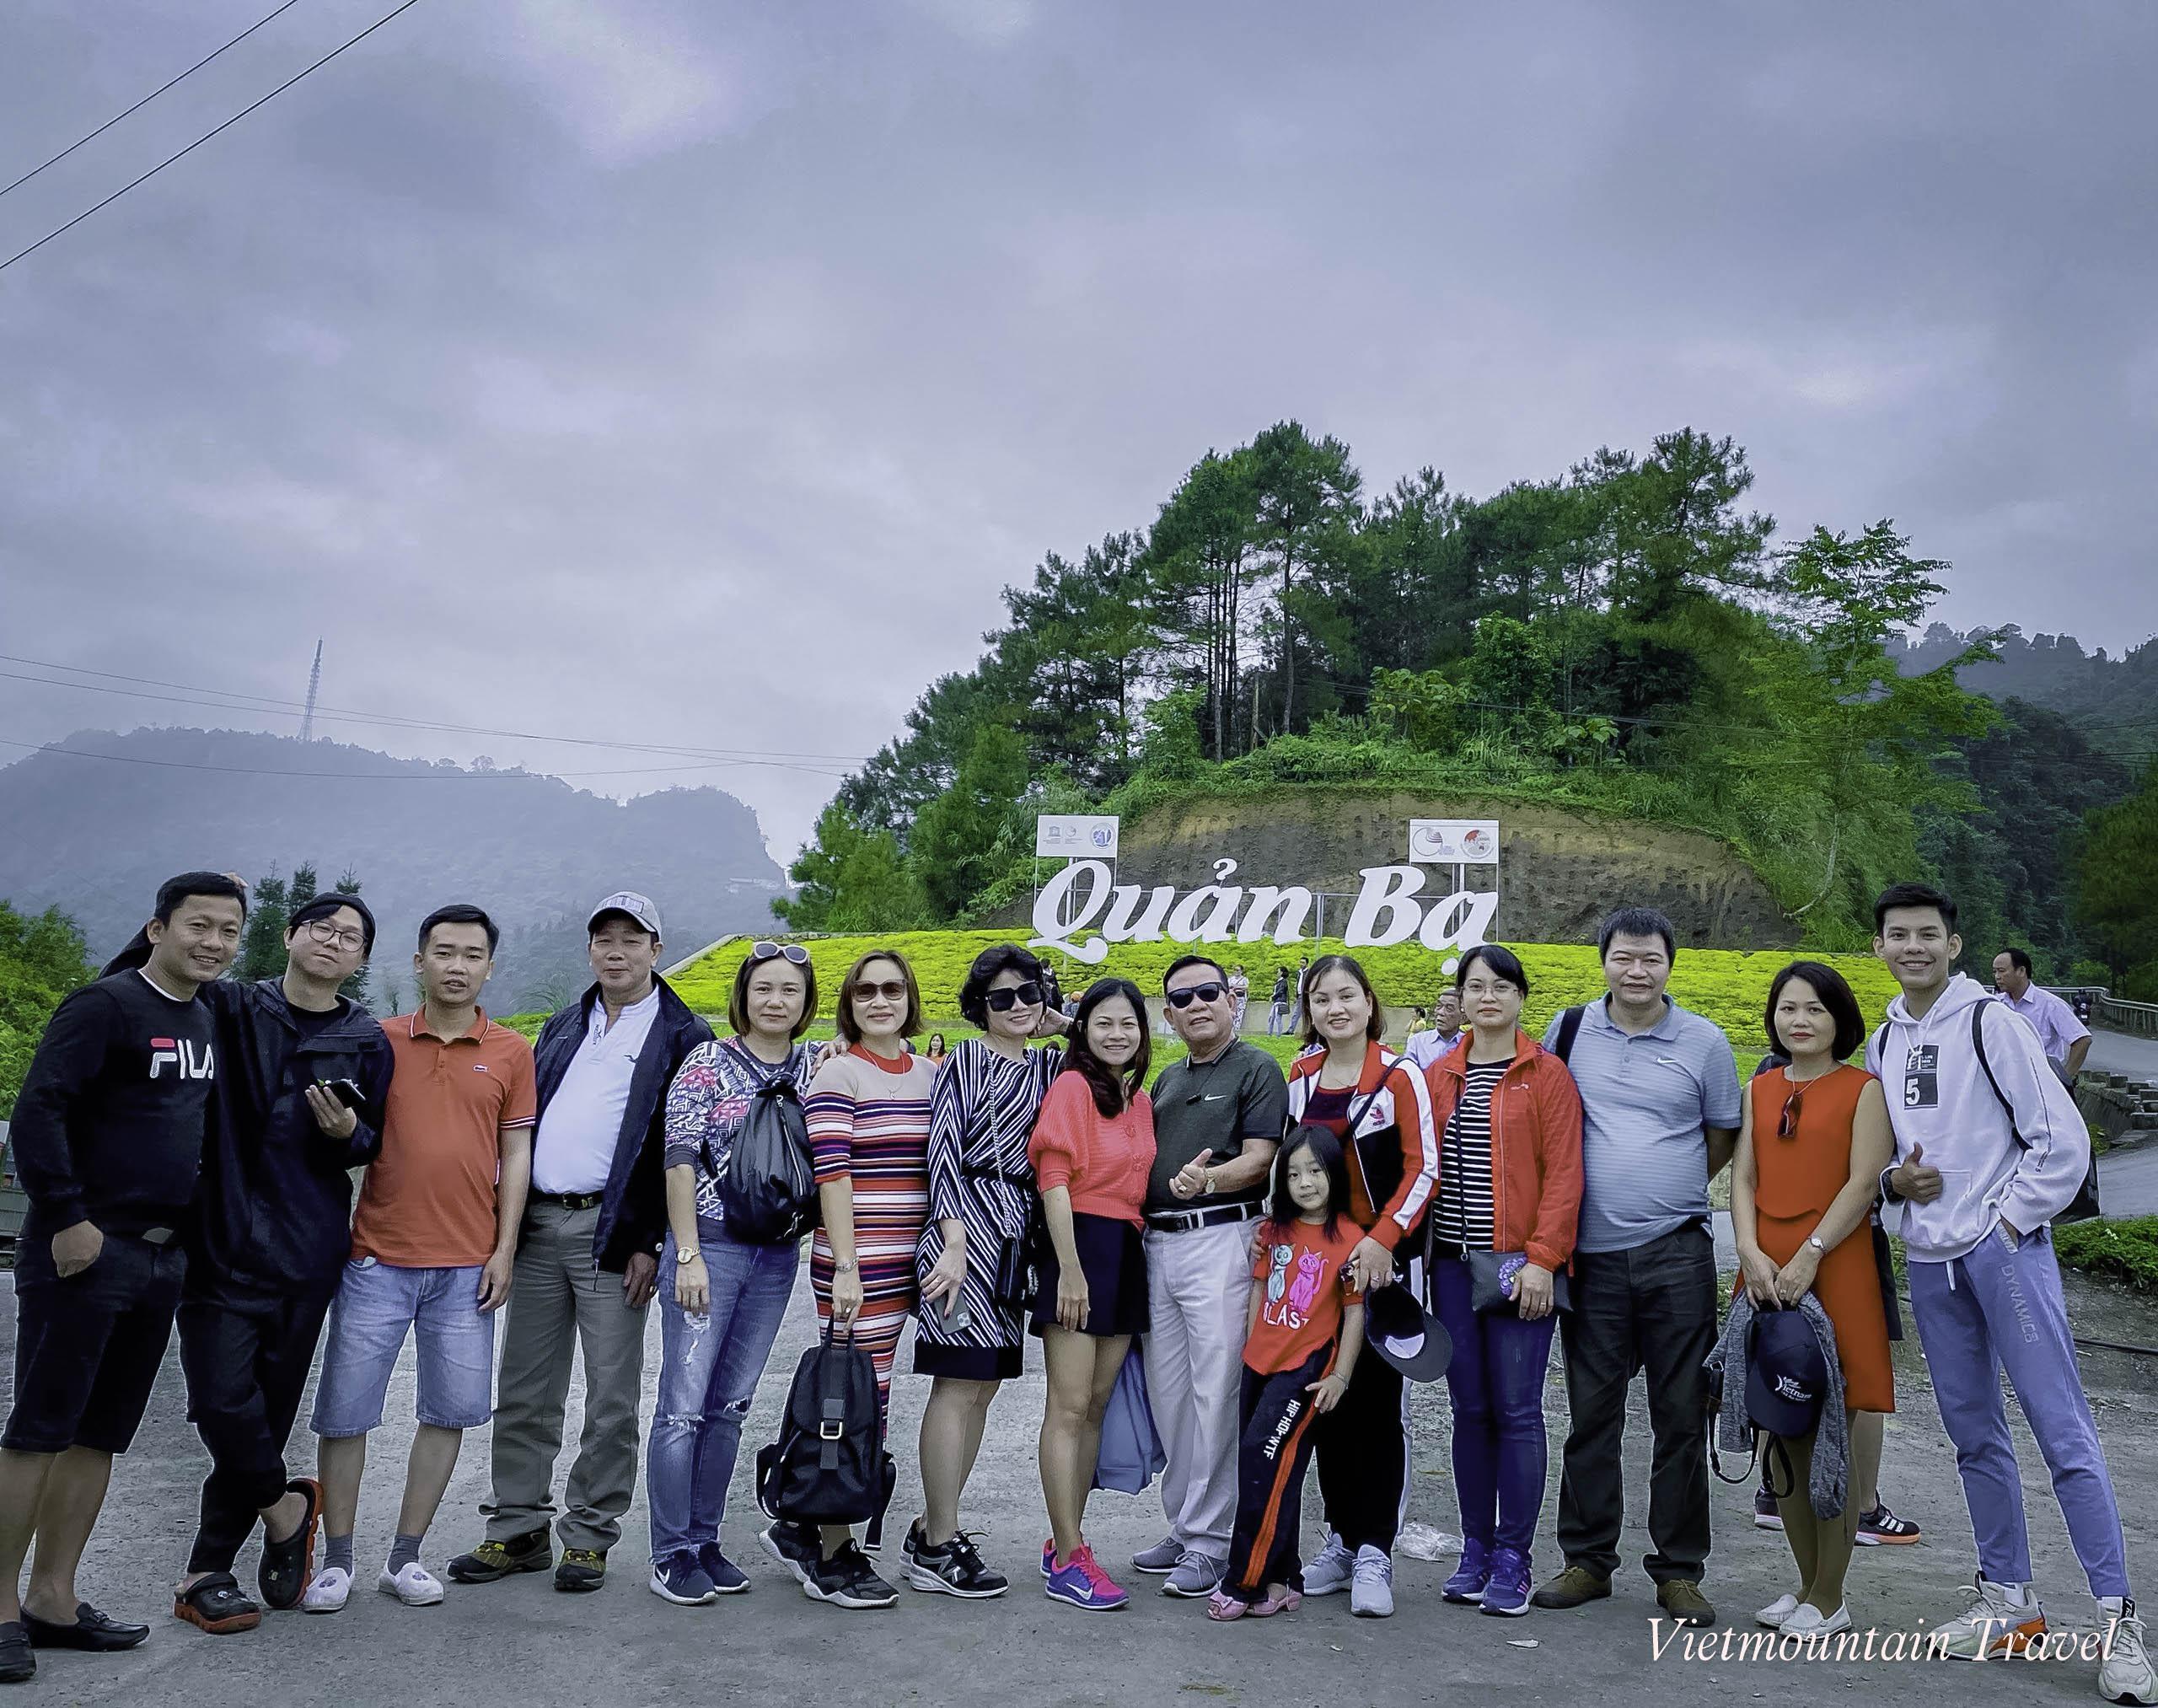 Thoi-gian-ly-tuong-de-len-ha-giang-ngam-hoa-tam-giac-mach-du-lich-nui-viet-vietmountain-travel34